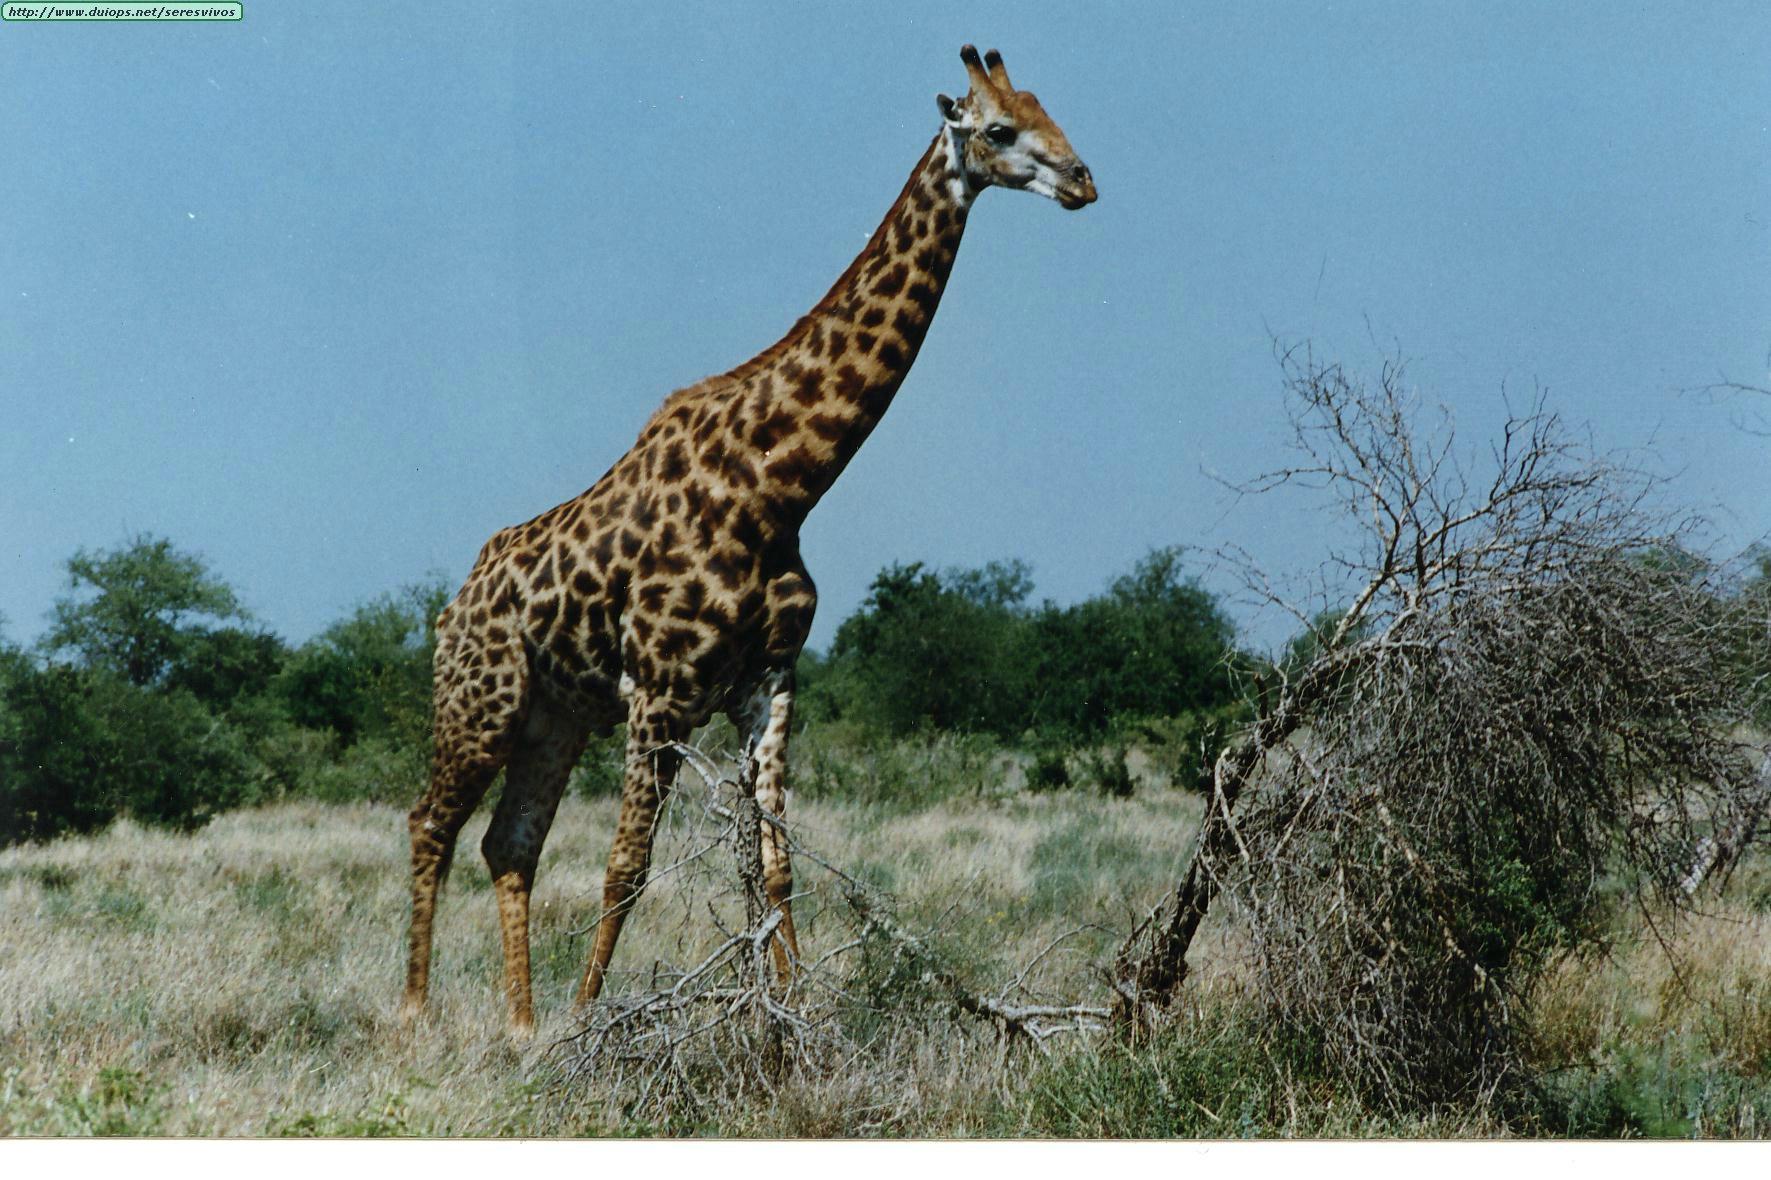 Fotos de jirafas